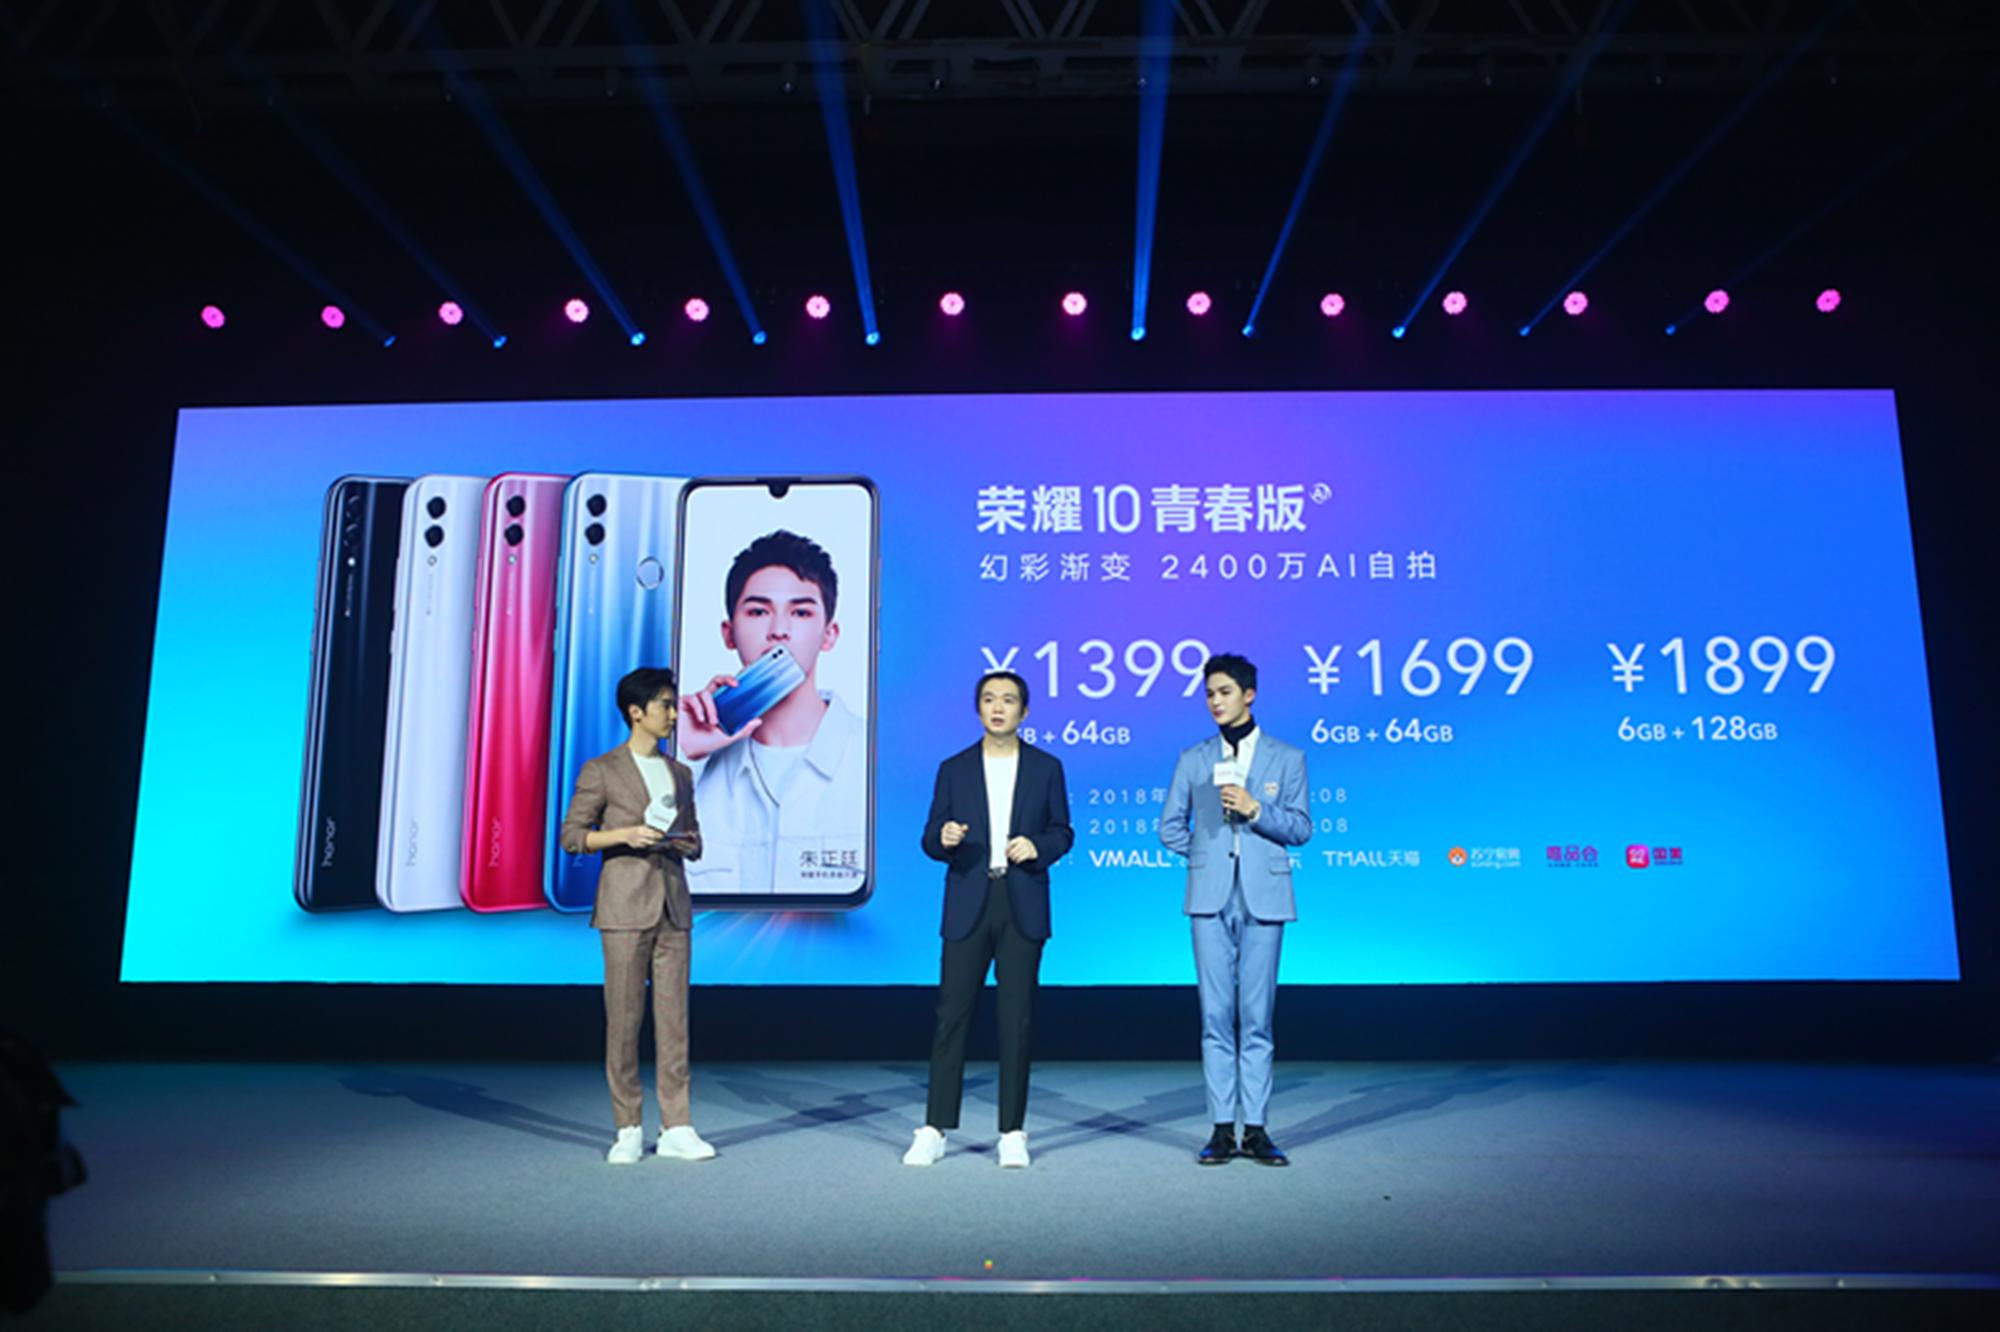 2400万AI自拍 每一刻都清晰 荣耀10青春版强势发布 1399元起售